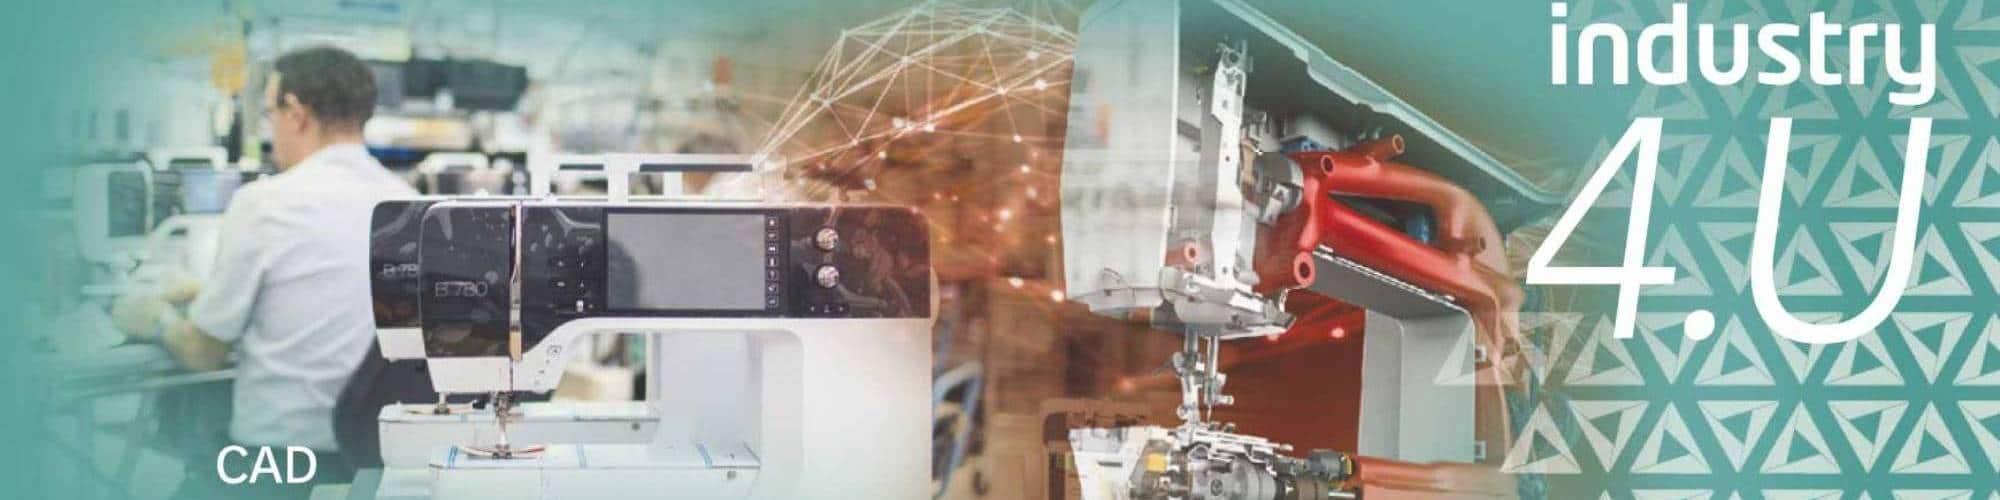 Solid Edge Logiciel CAO 3D Mécanique, Electrique, Electronique, Plant Design, Simulation, Gestion des données....